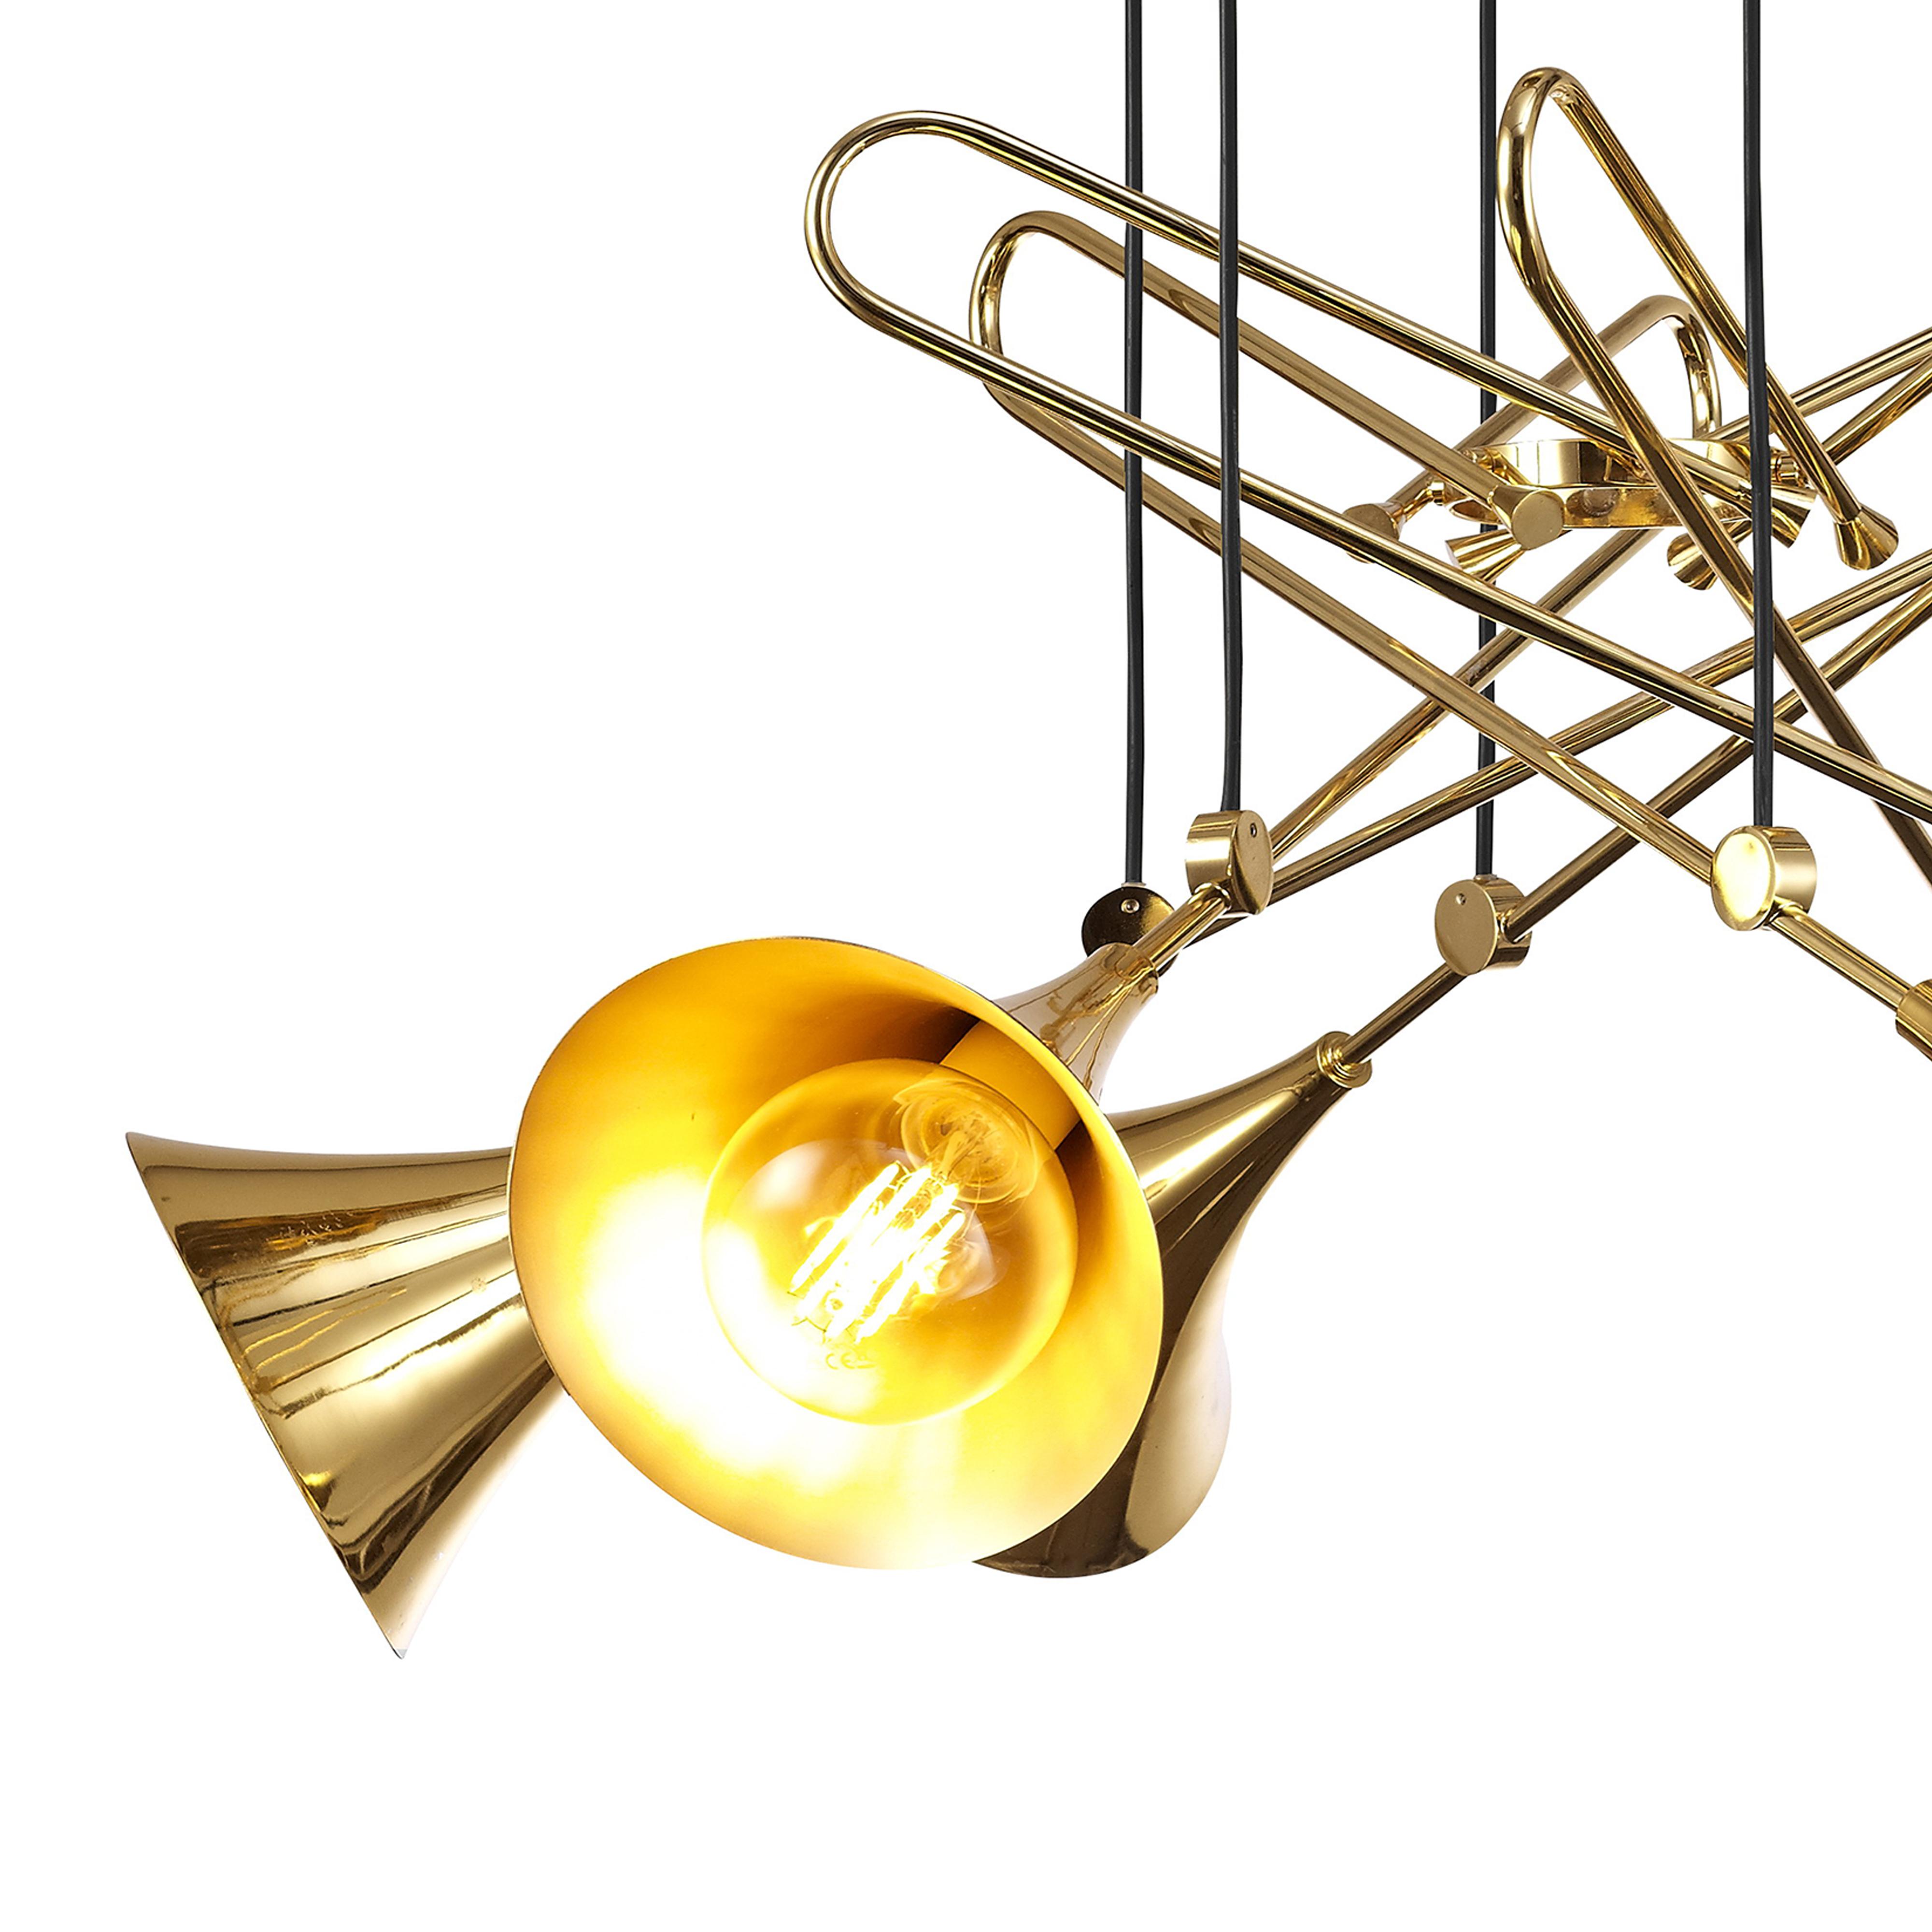 Подвесная люстра Mantra Jazz 5895, золото, металл - фото 3